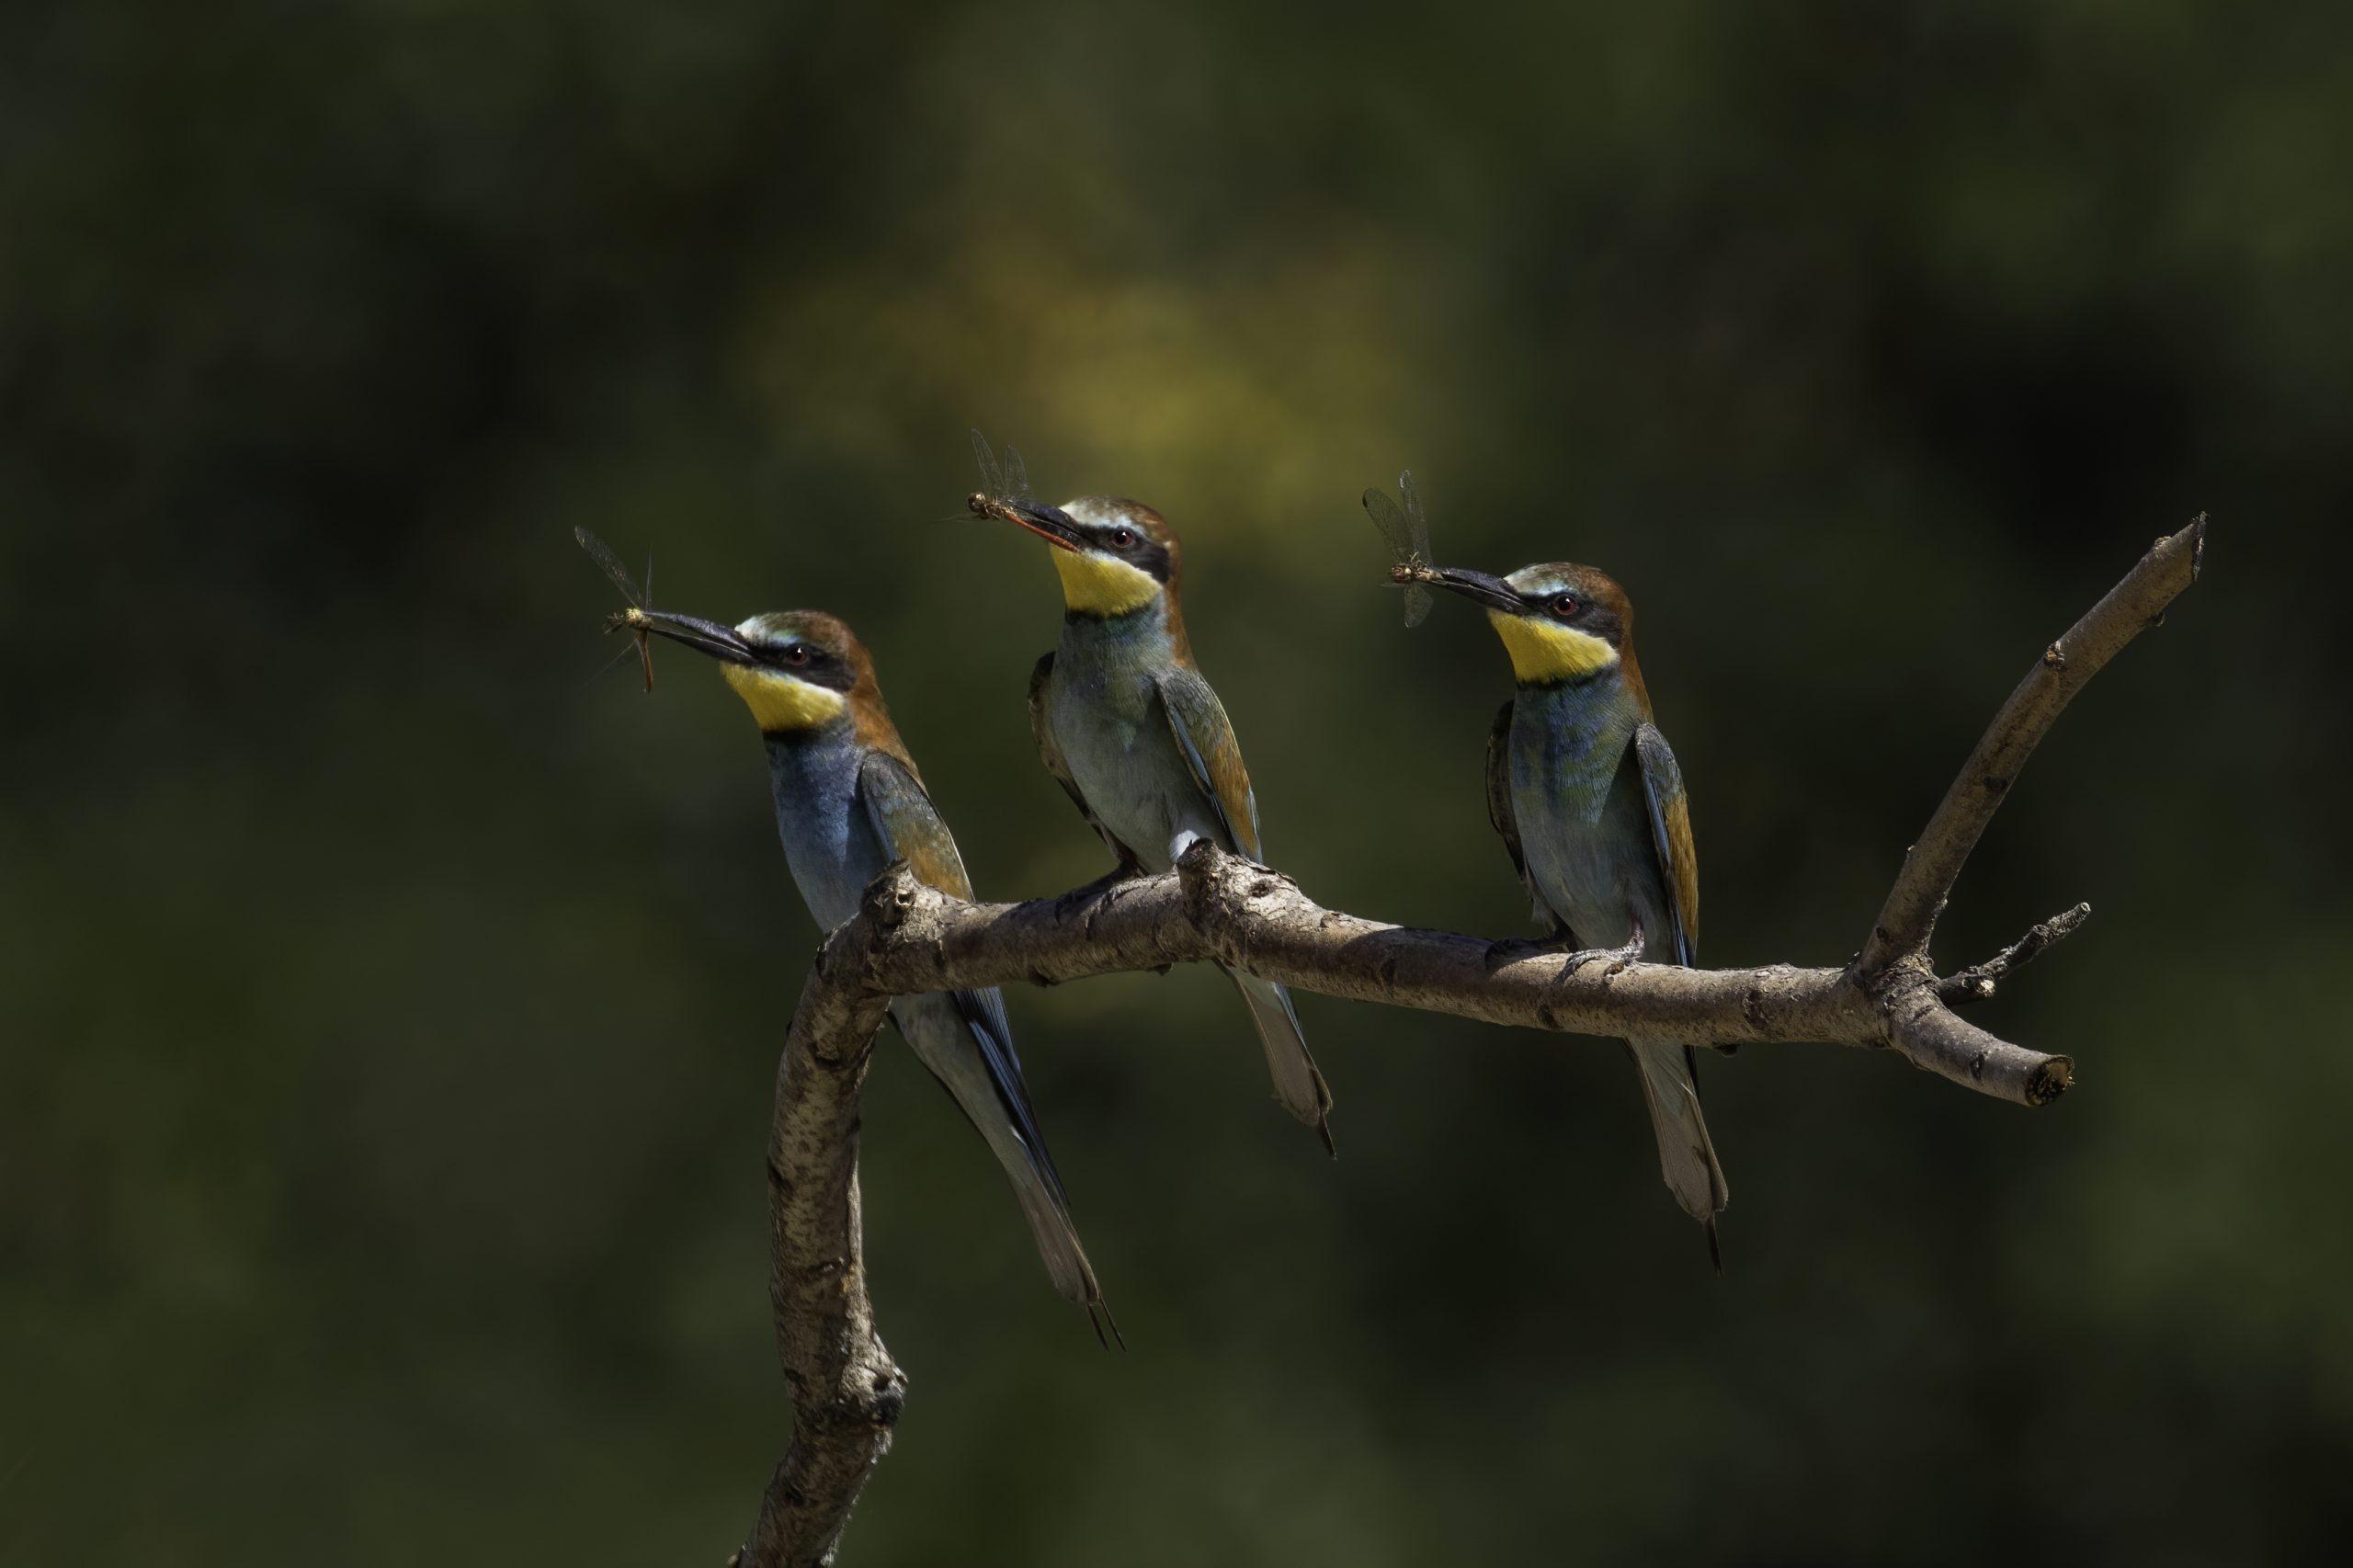 Drei blaue Vögel auf einem Ast, jeder mit einem Insekt im Schnabel.